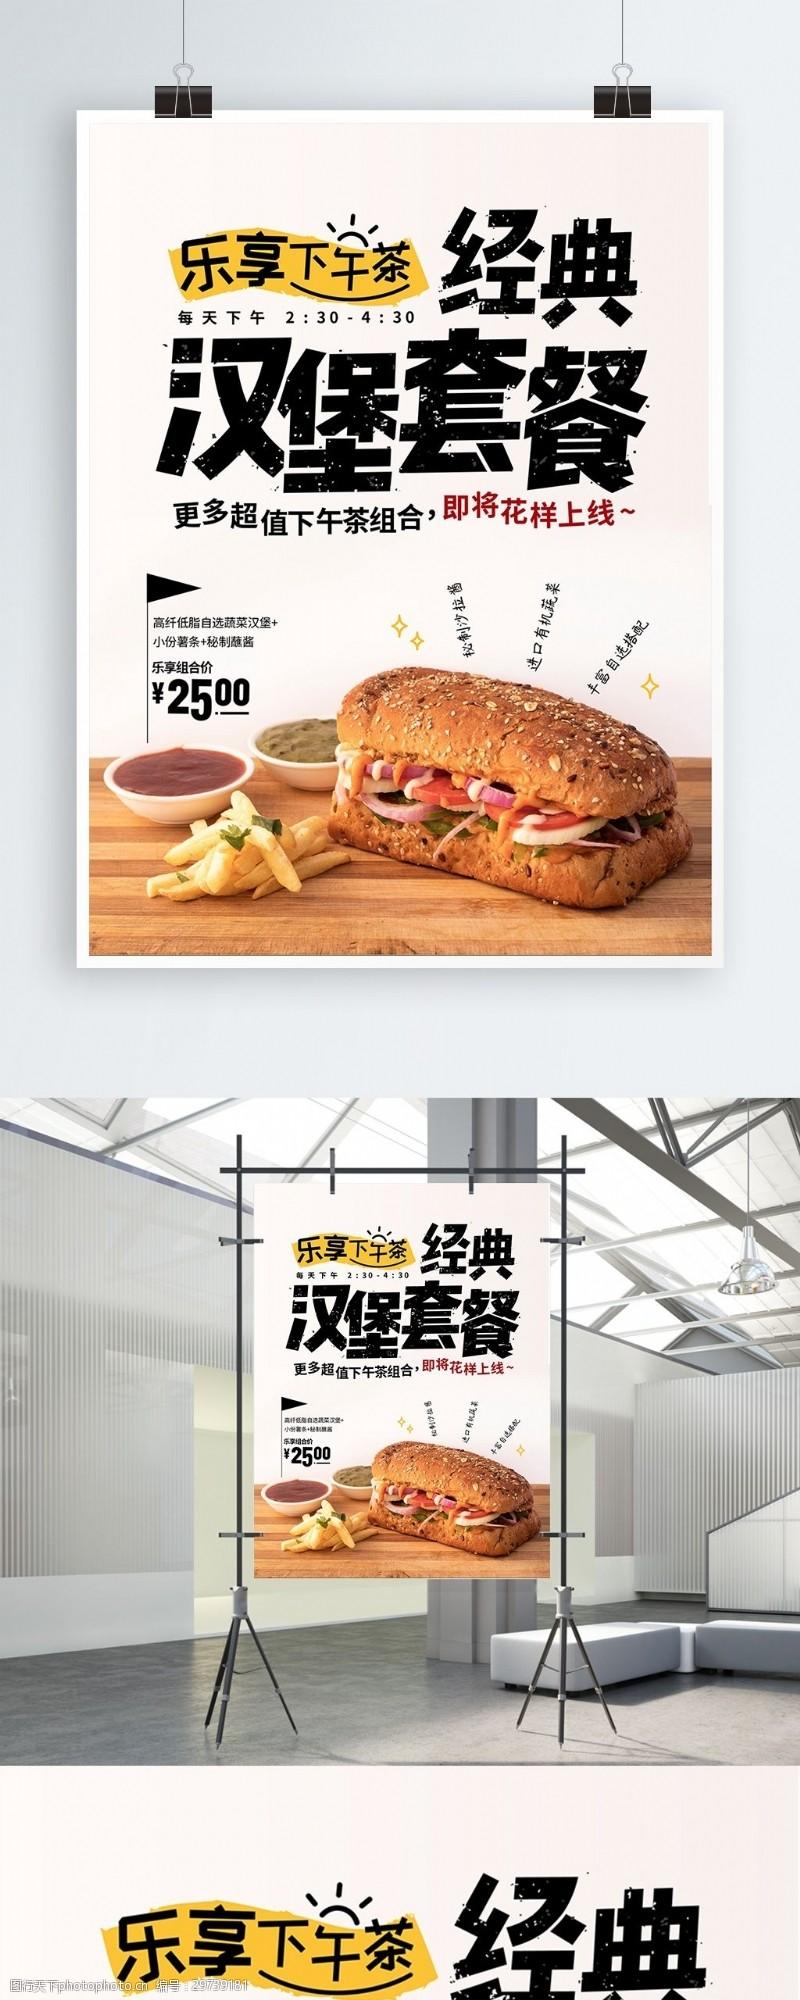 茶组合经典汉堡套餐下午茶优惠促销海报